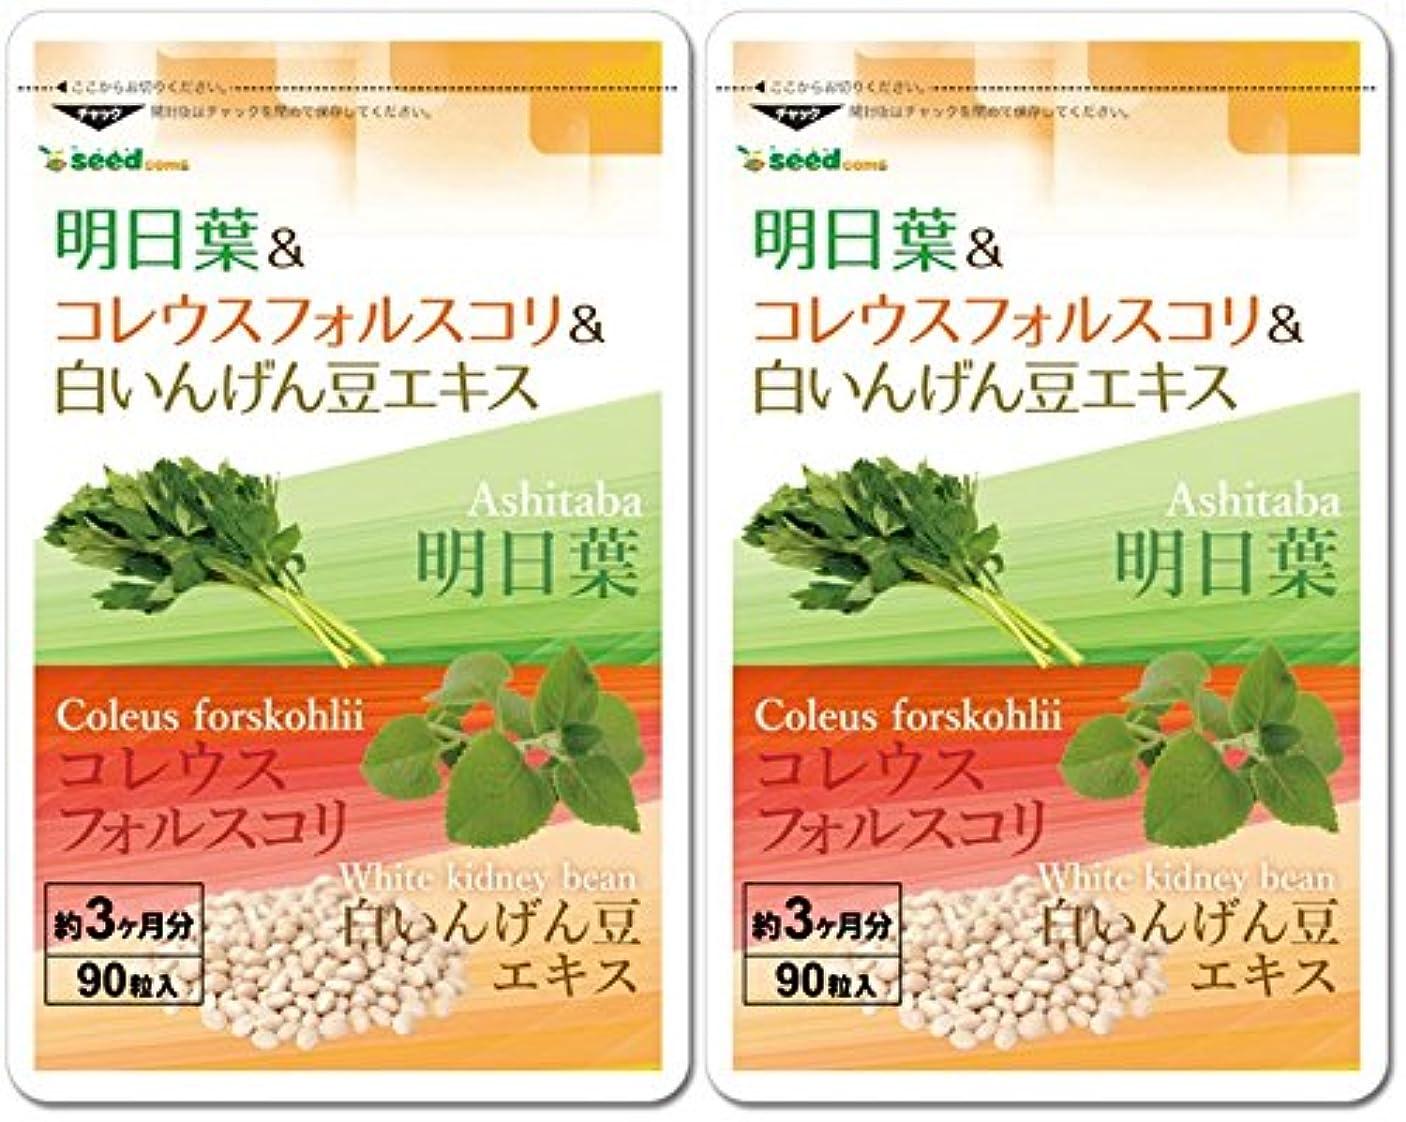 むさぼり食う配列安定した明日葉&コレウスフォルスコリ&白いんげん豆エキス (約6ヶ月分/180粒) スッキリ&燃焼系&糖質バリアの3大ダイエット成分